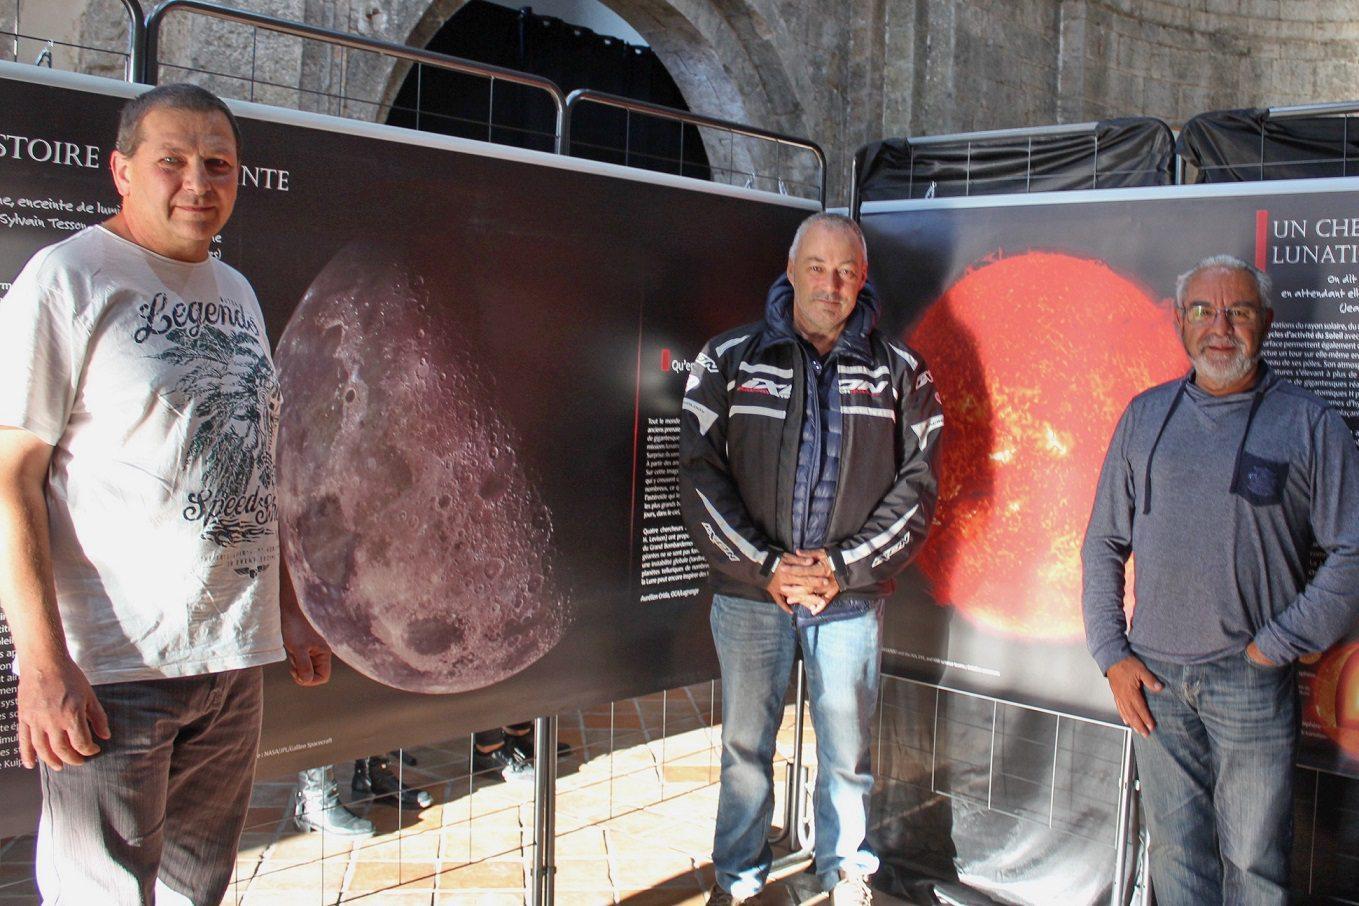 Les amateurs éclairés du club astronomique Altaïr33 de Flassans.